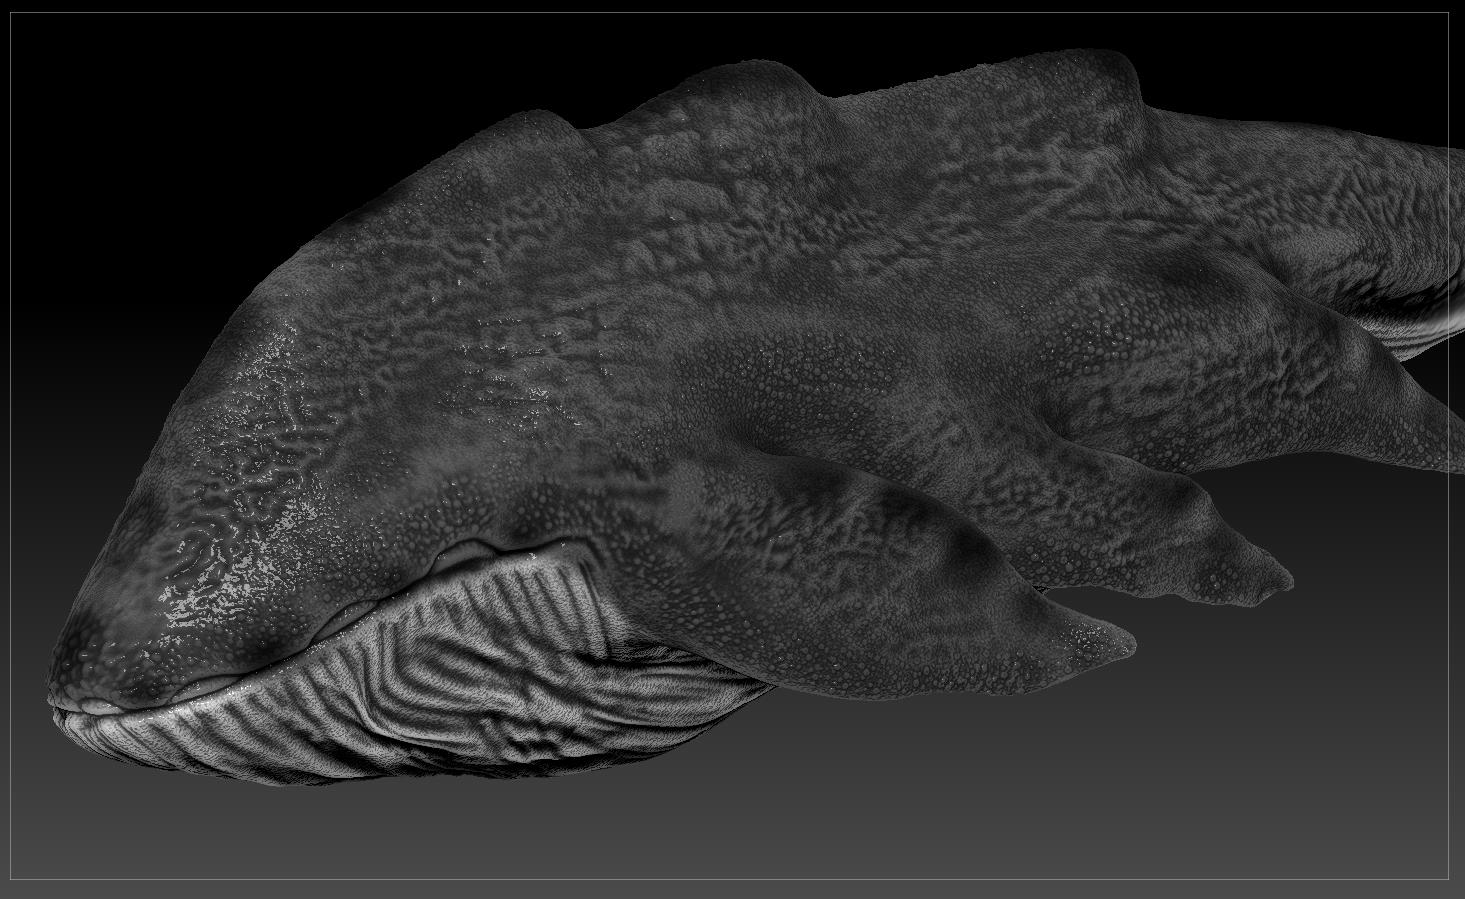 クジラ04